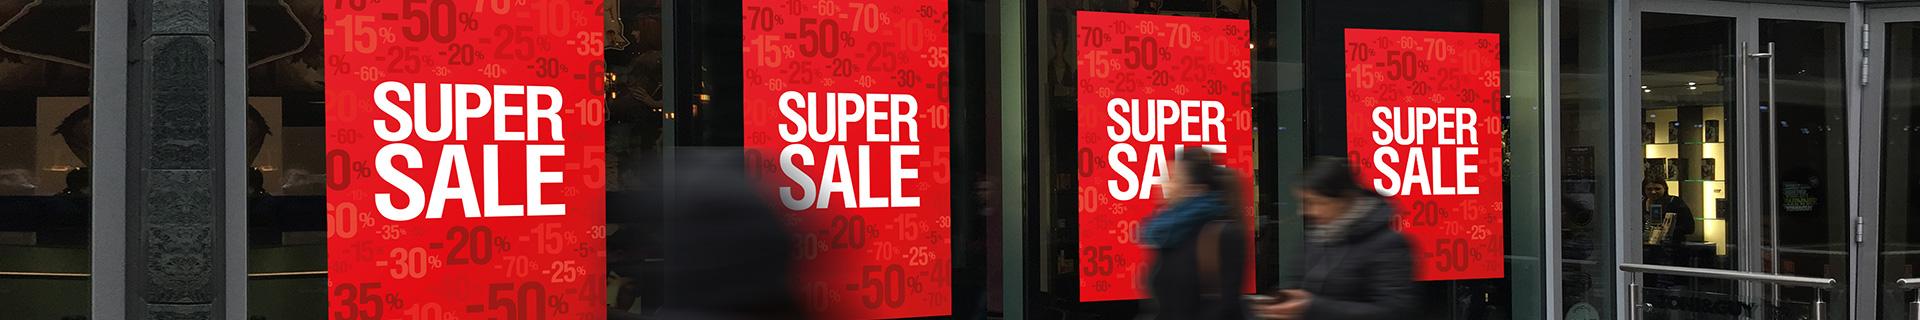 raamposters sale en leergverkoop banners bestellen